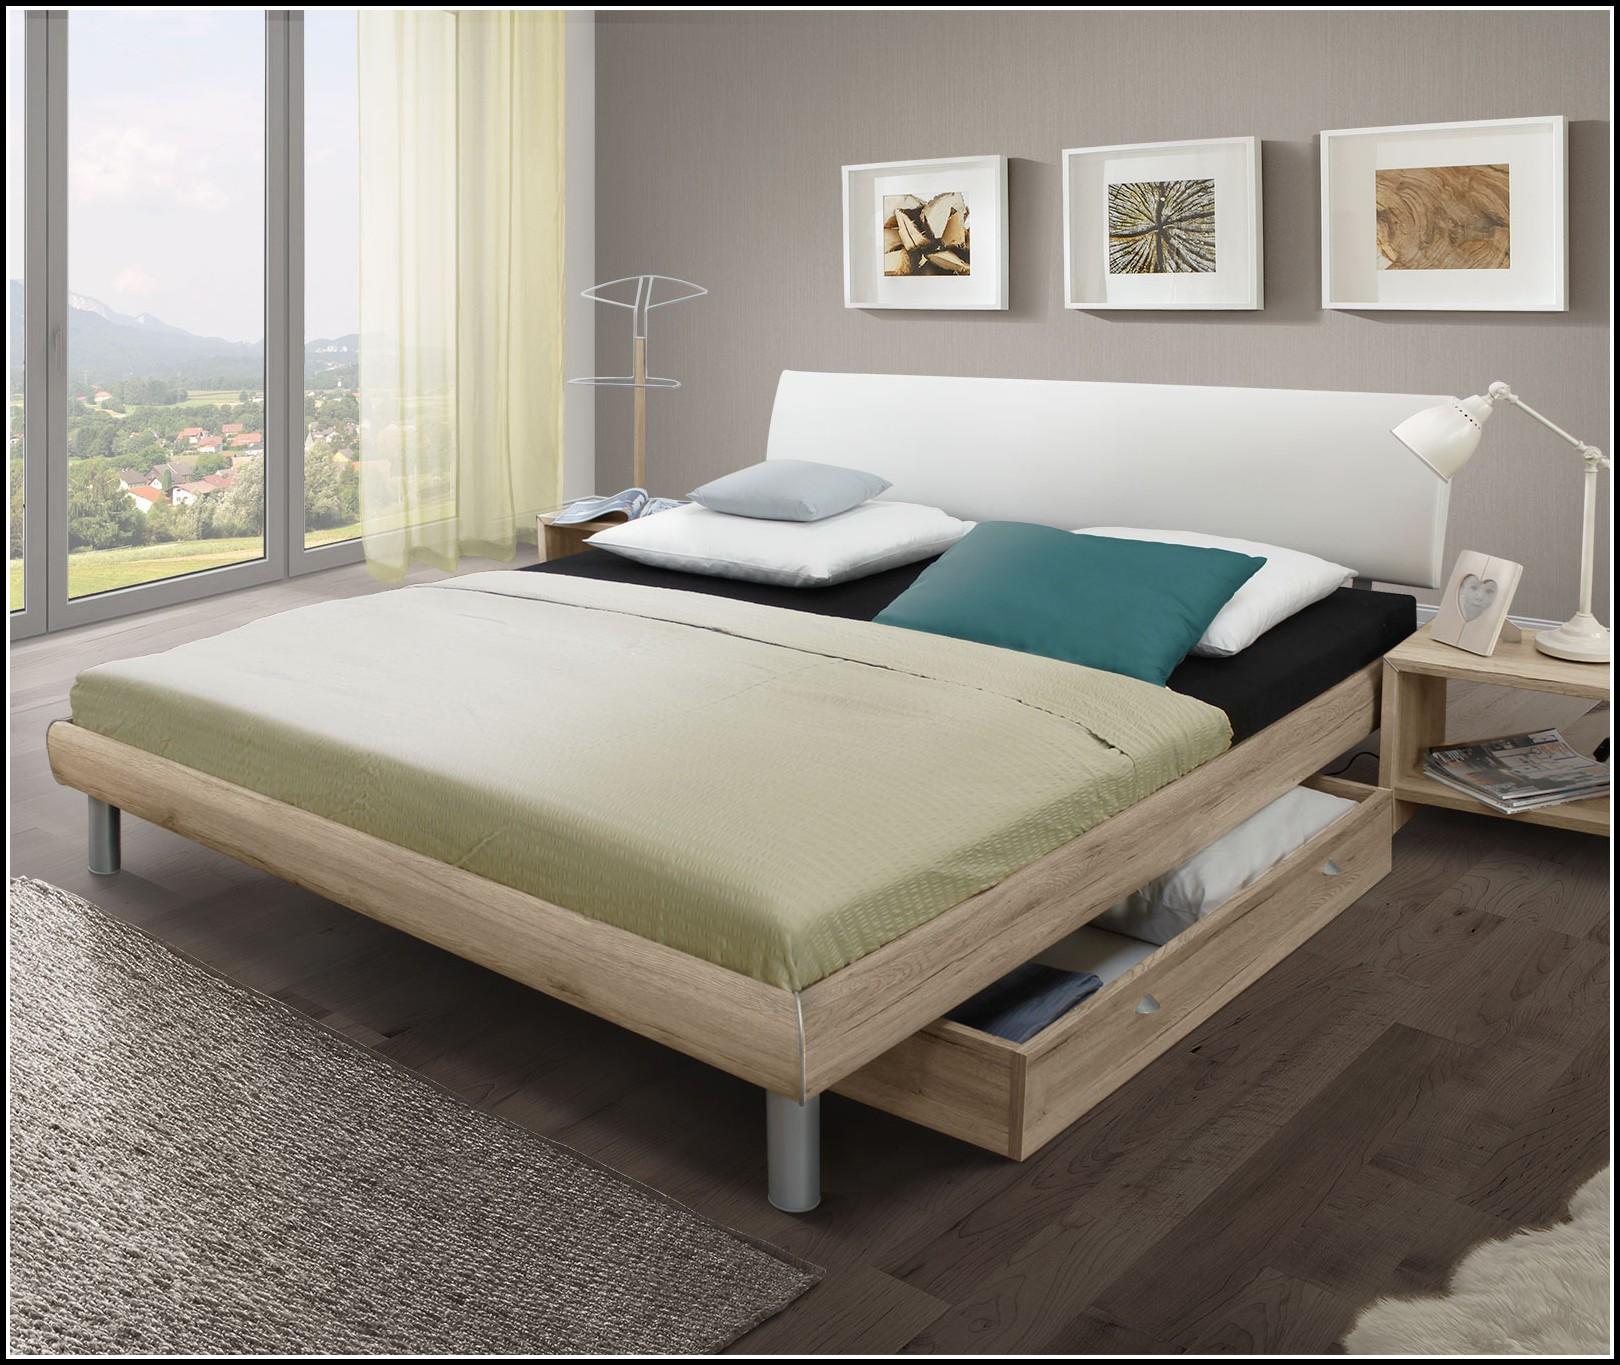 bett mit matratze und lattenrost 140x200 gebraucht. Black Bedroom Furniture Sets. Home Design Ideas